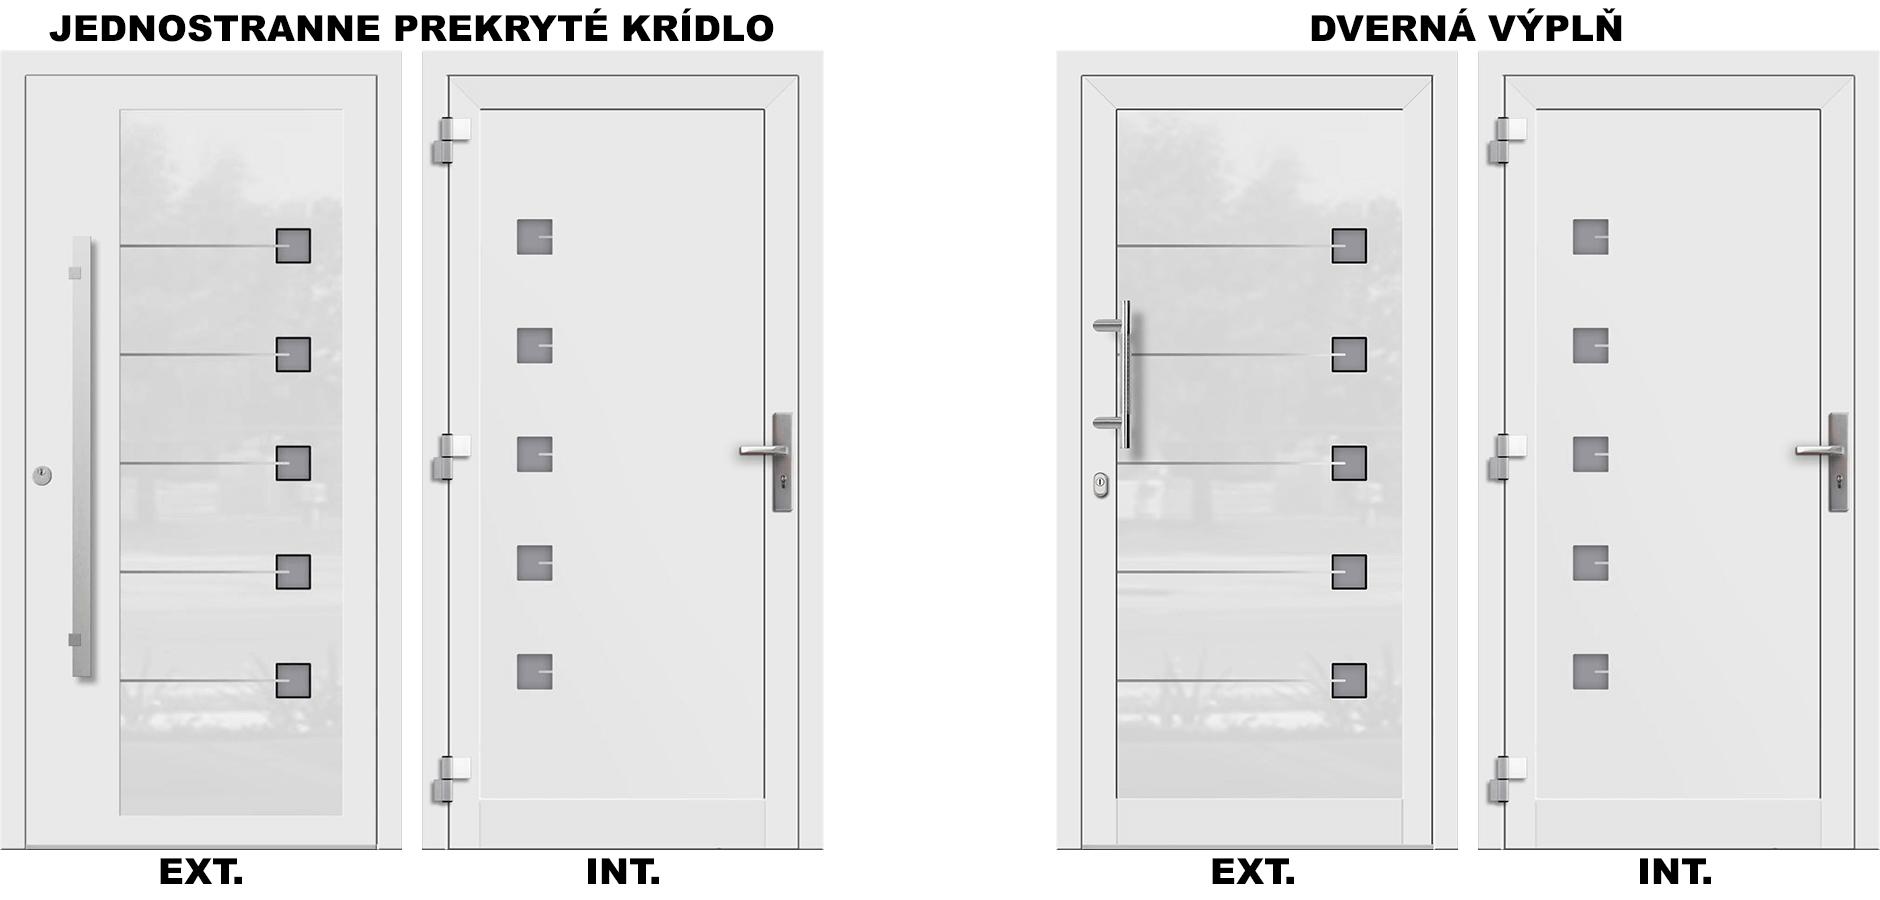 Vchodové hliníkové dvere s dvernou výplňou alebo prekrytým krídlom na porovnanie.